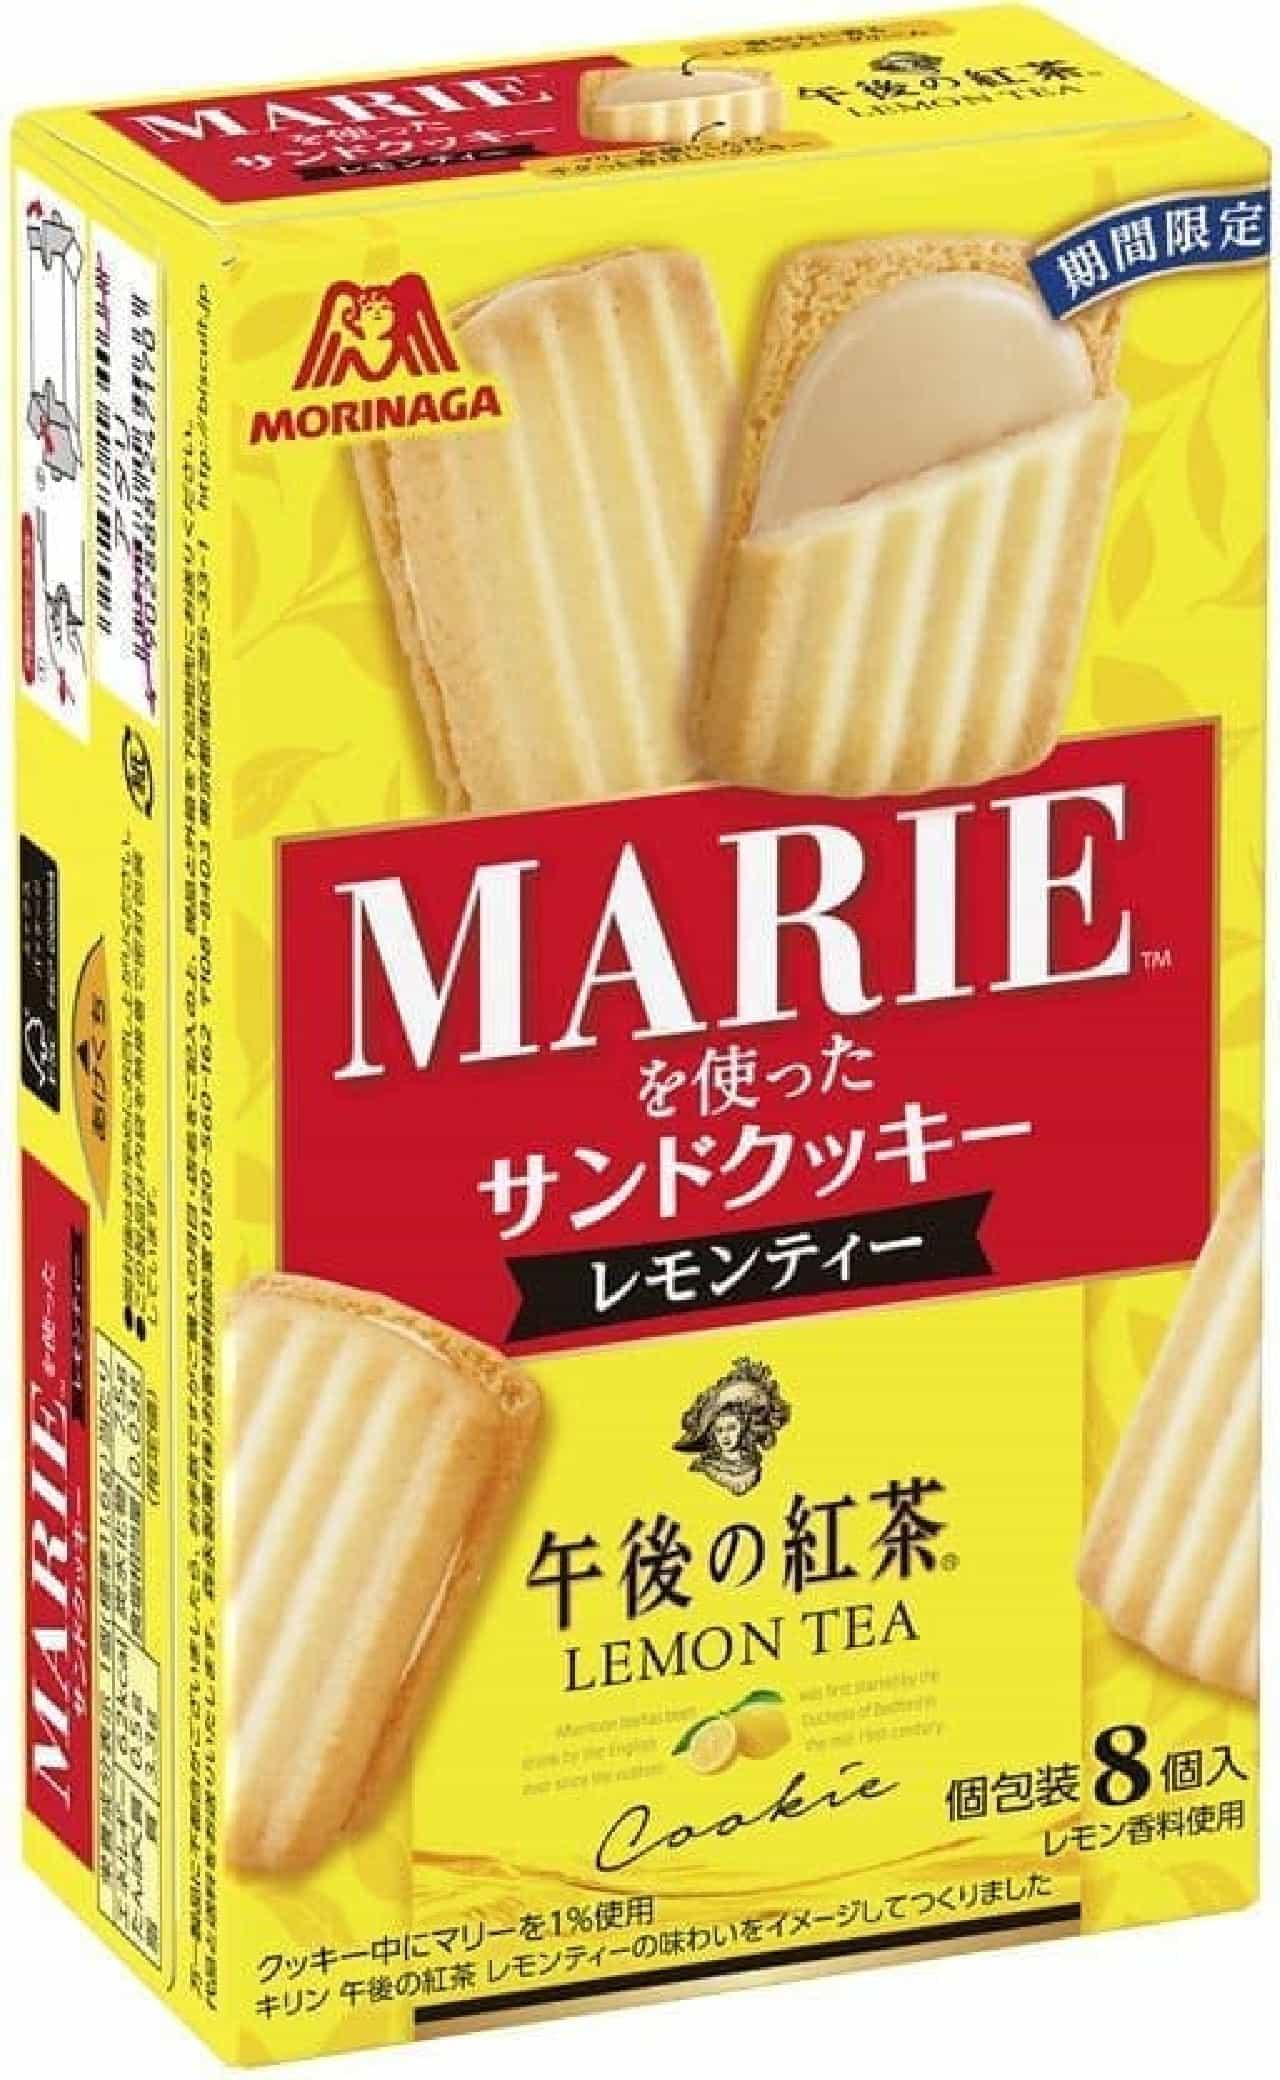 マリーを使ったサンドクッキー<レモンティー>